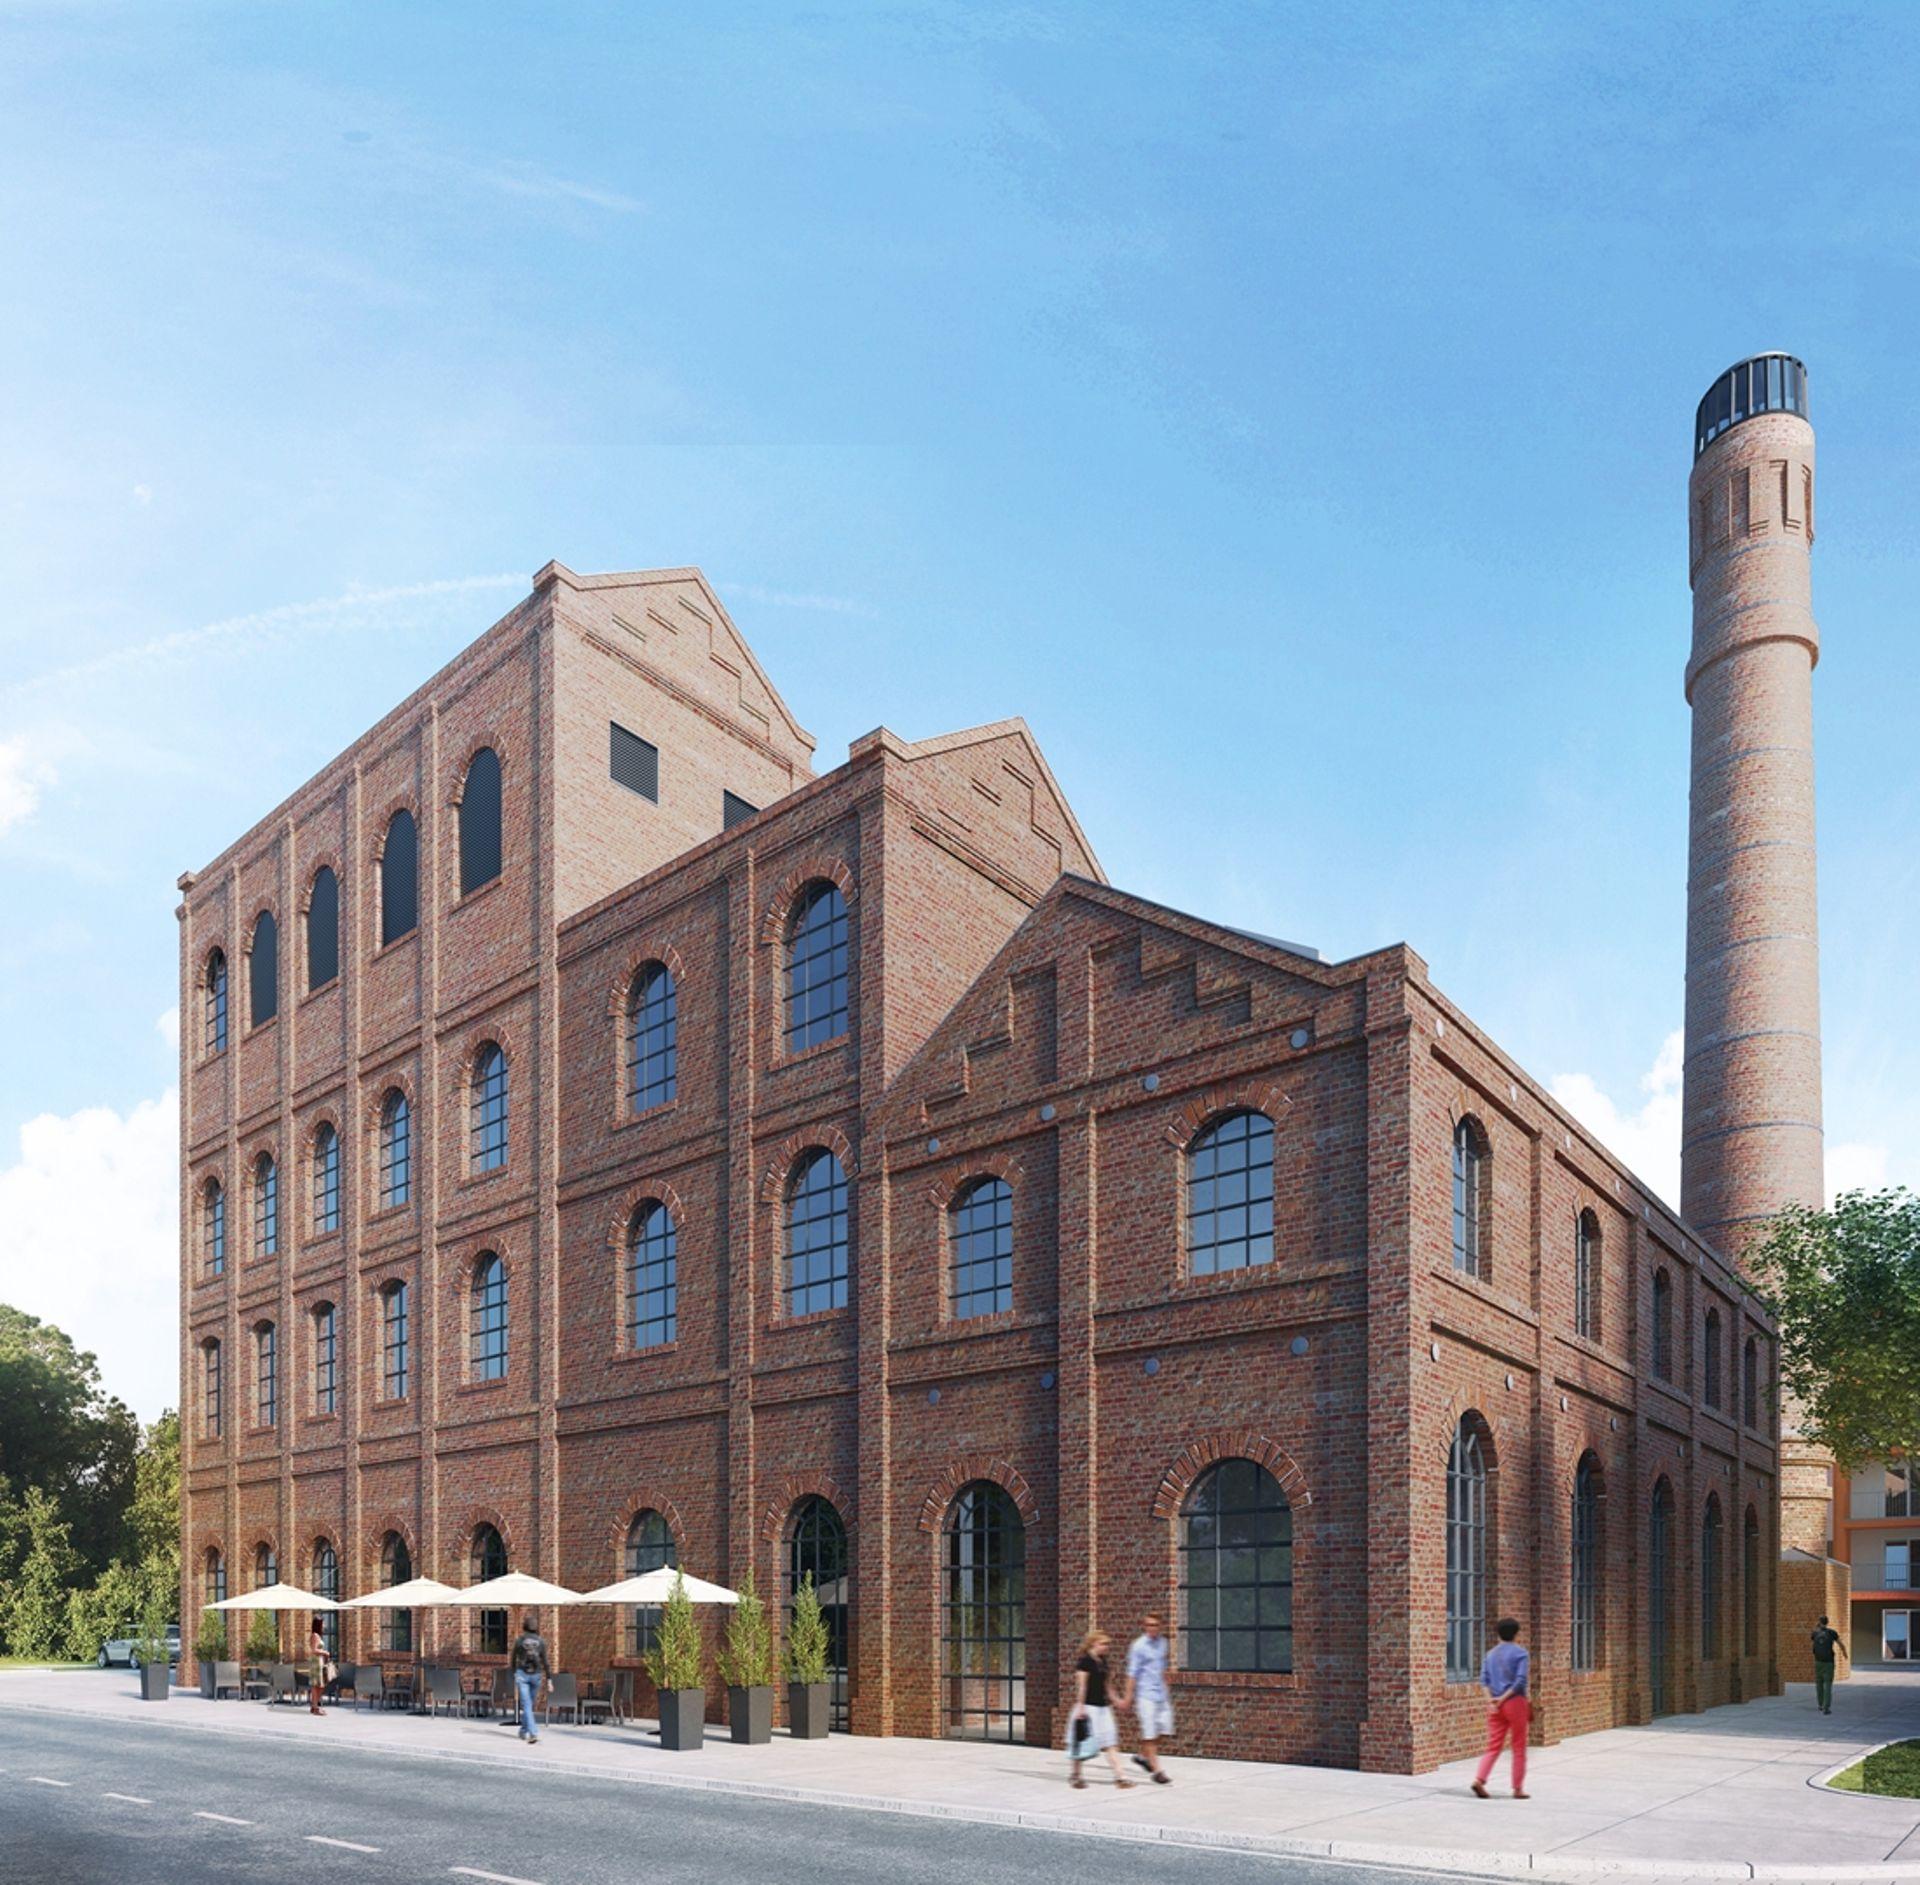 [Poznań] Przebudowa dawnej spalarni na powstającym osiedlu Wilczak 20 w Poznaniu